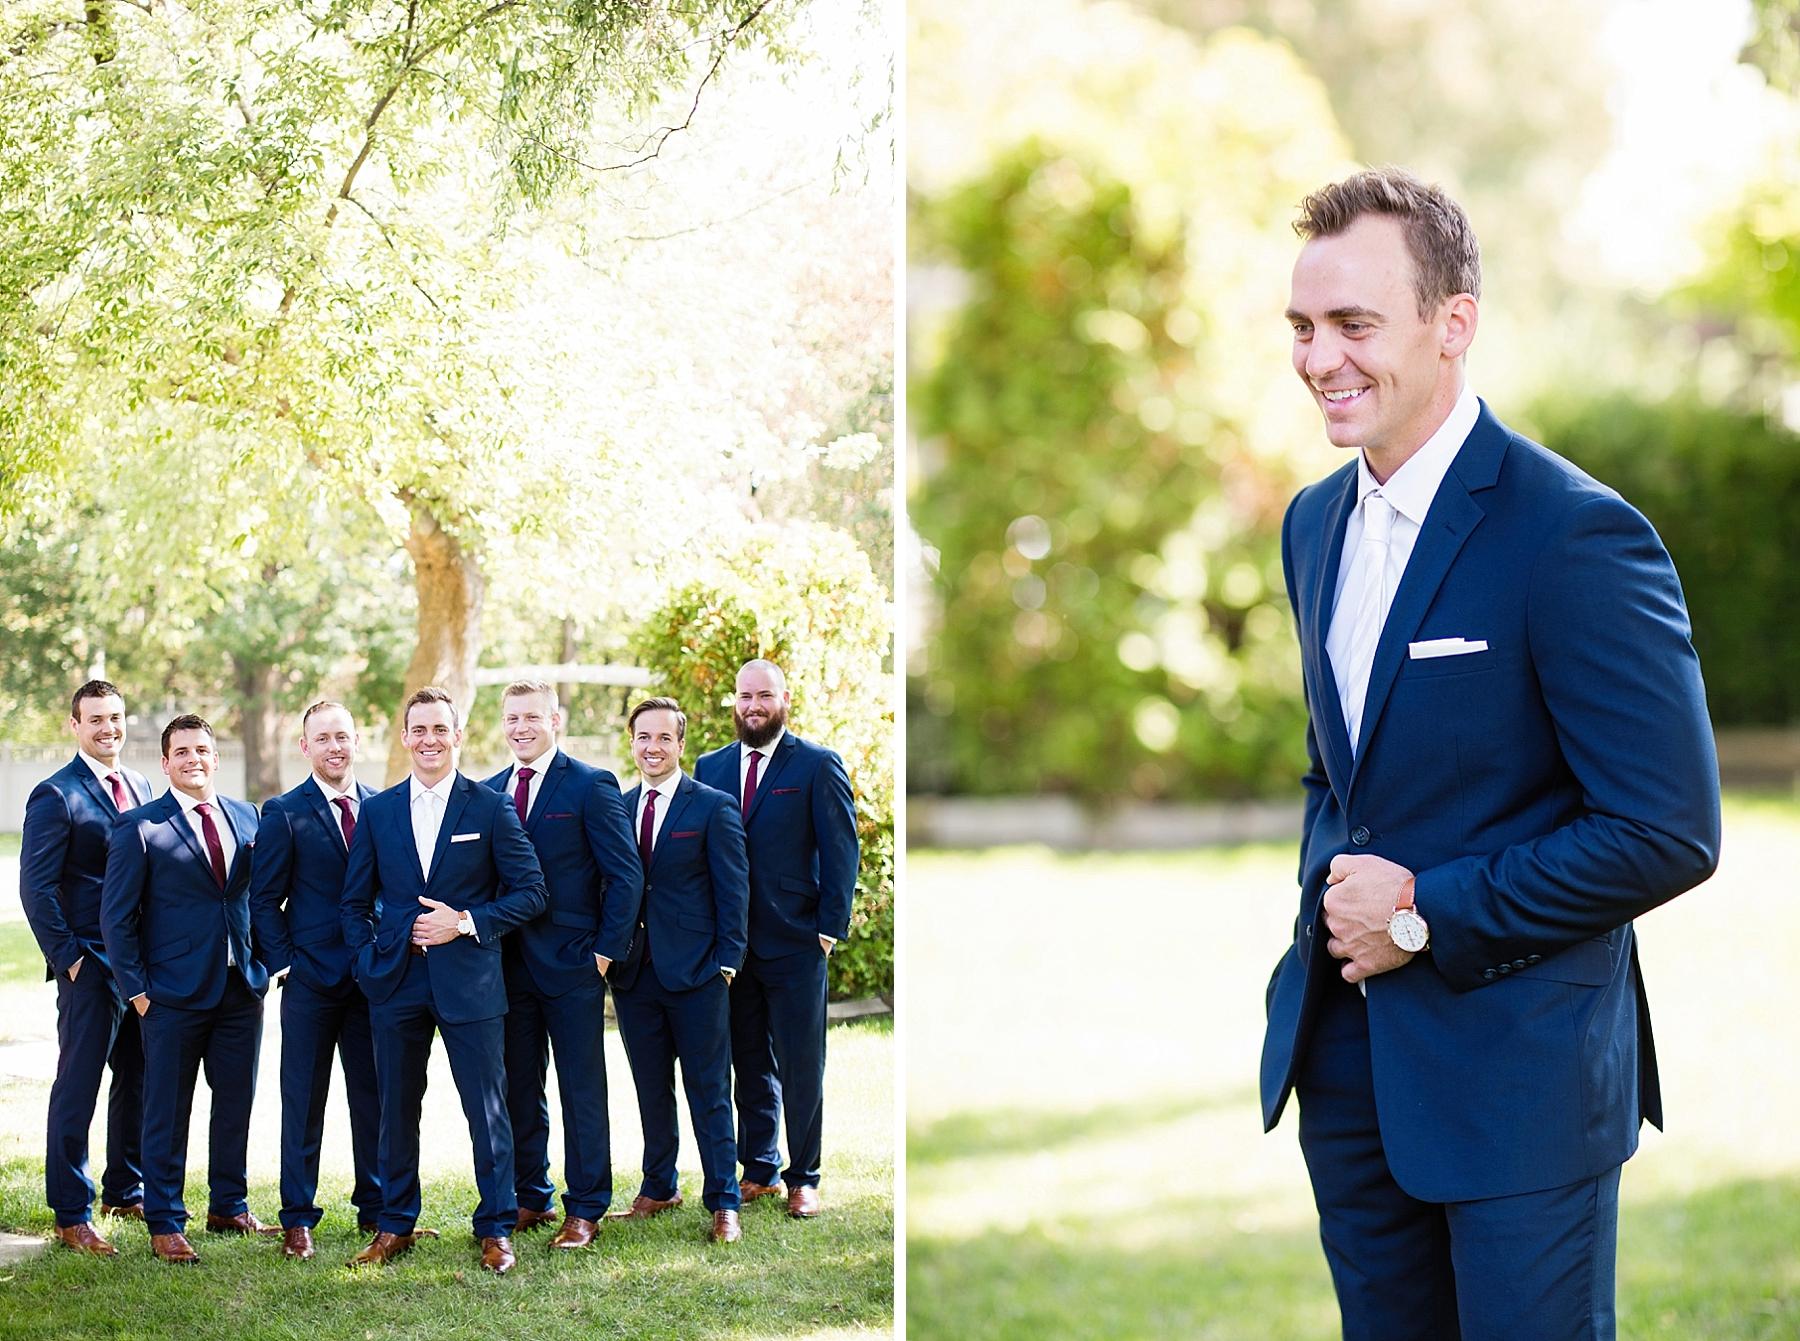 windsor-wedding-photographer-essex-golf-country-club-wedding-eryn-shea-photography_0004.jpg